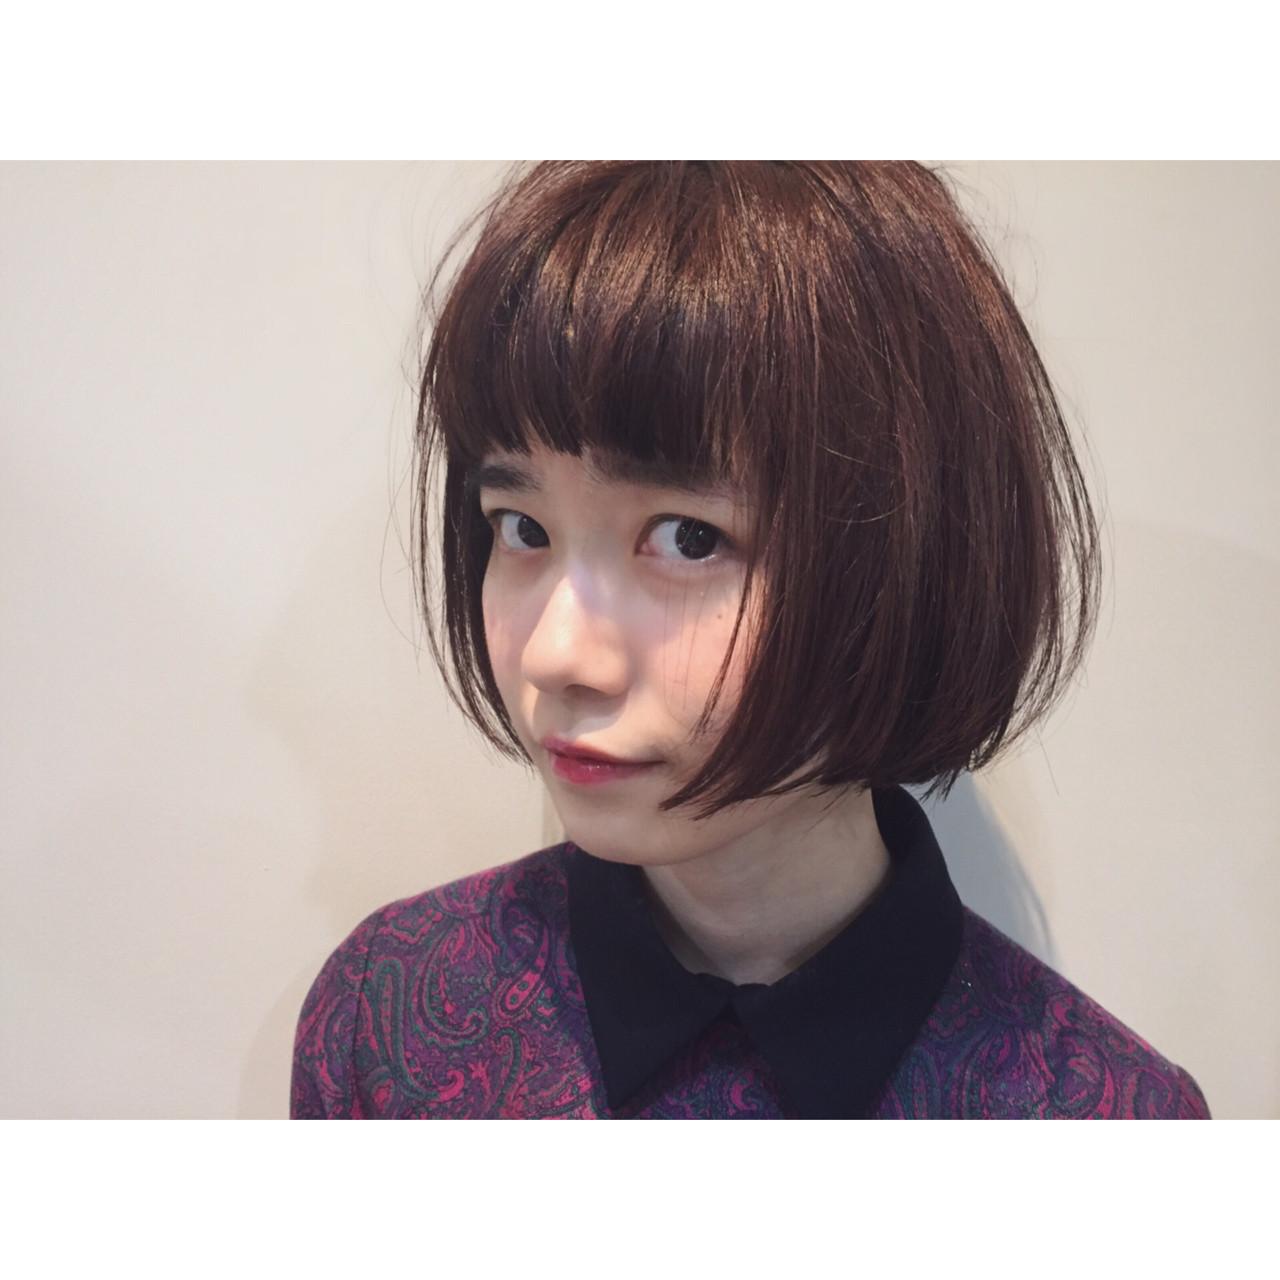 あなたの魅力を最大限引き出す!個性たっぷりぱっつん前髪で楽しむショート 大西 絢子/HOULe  HOULe